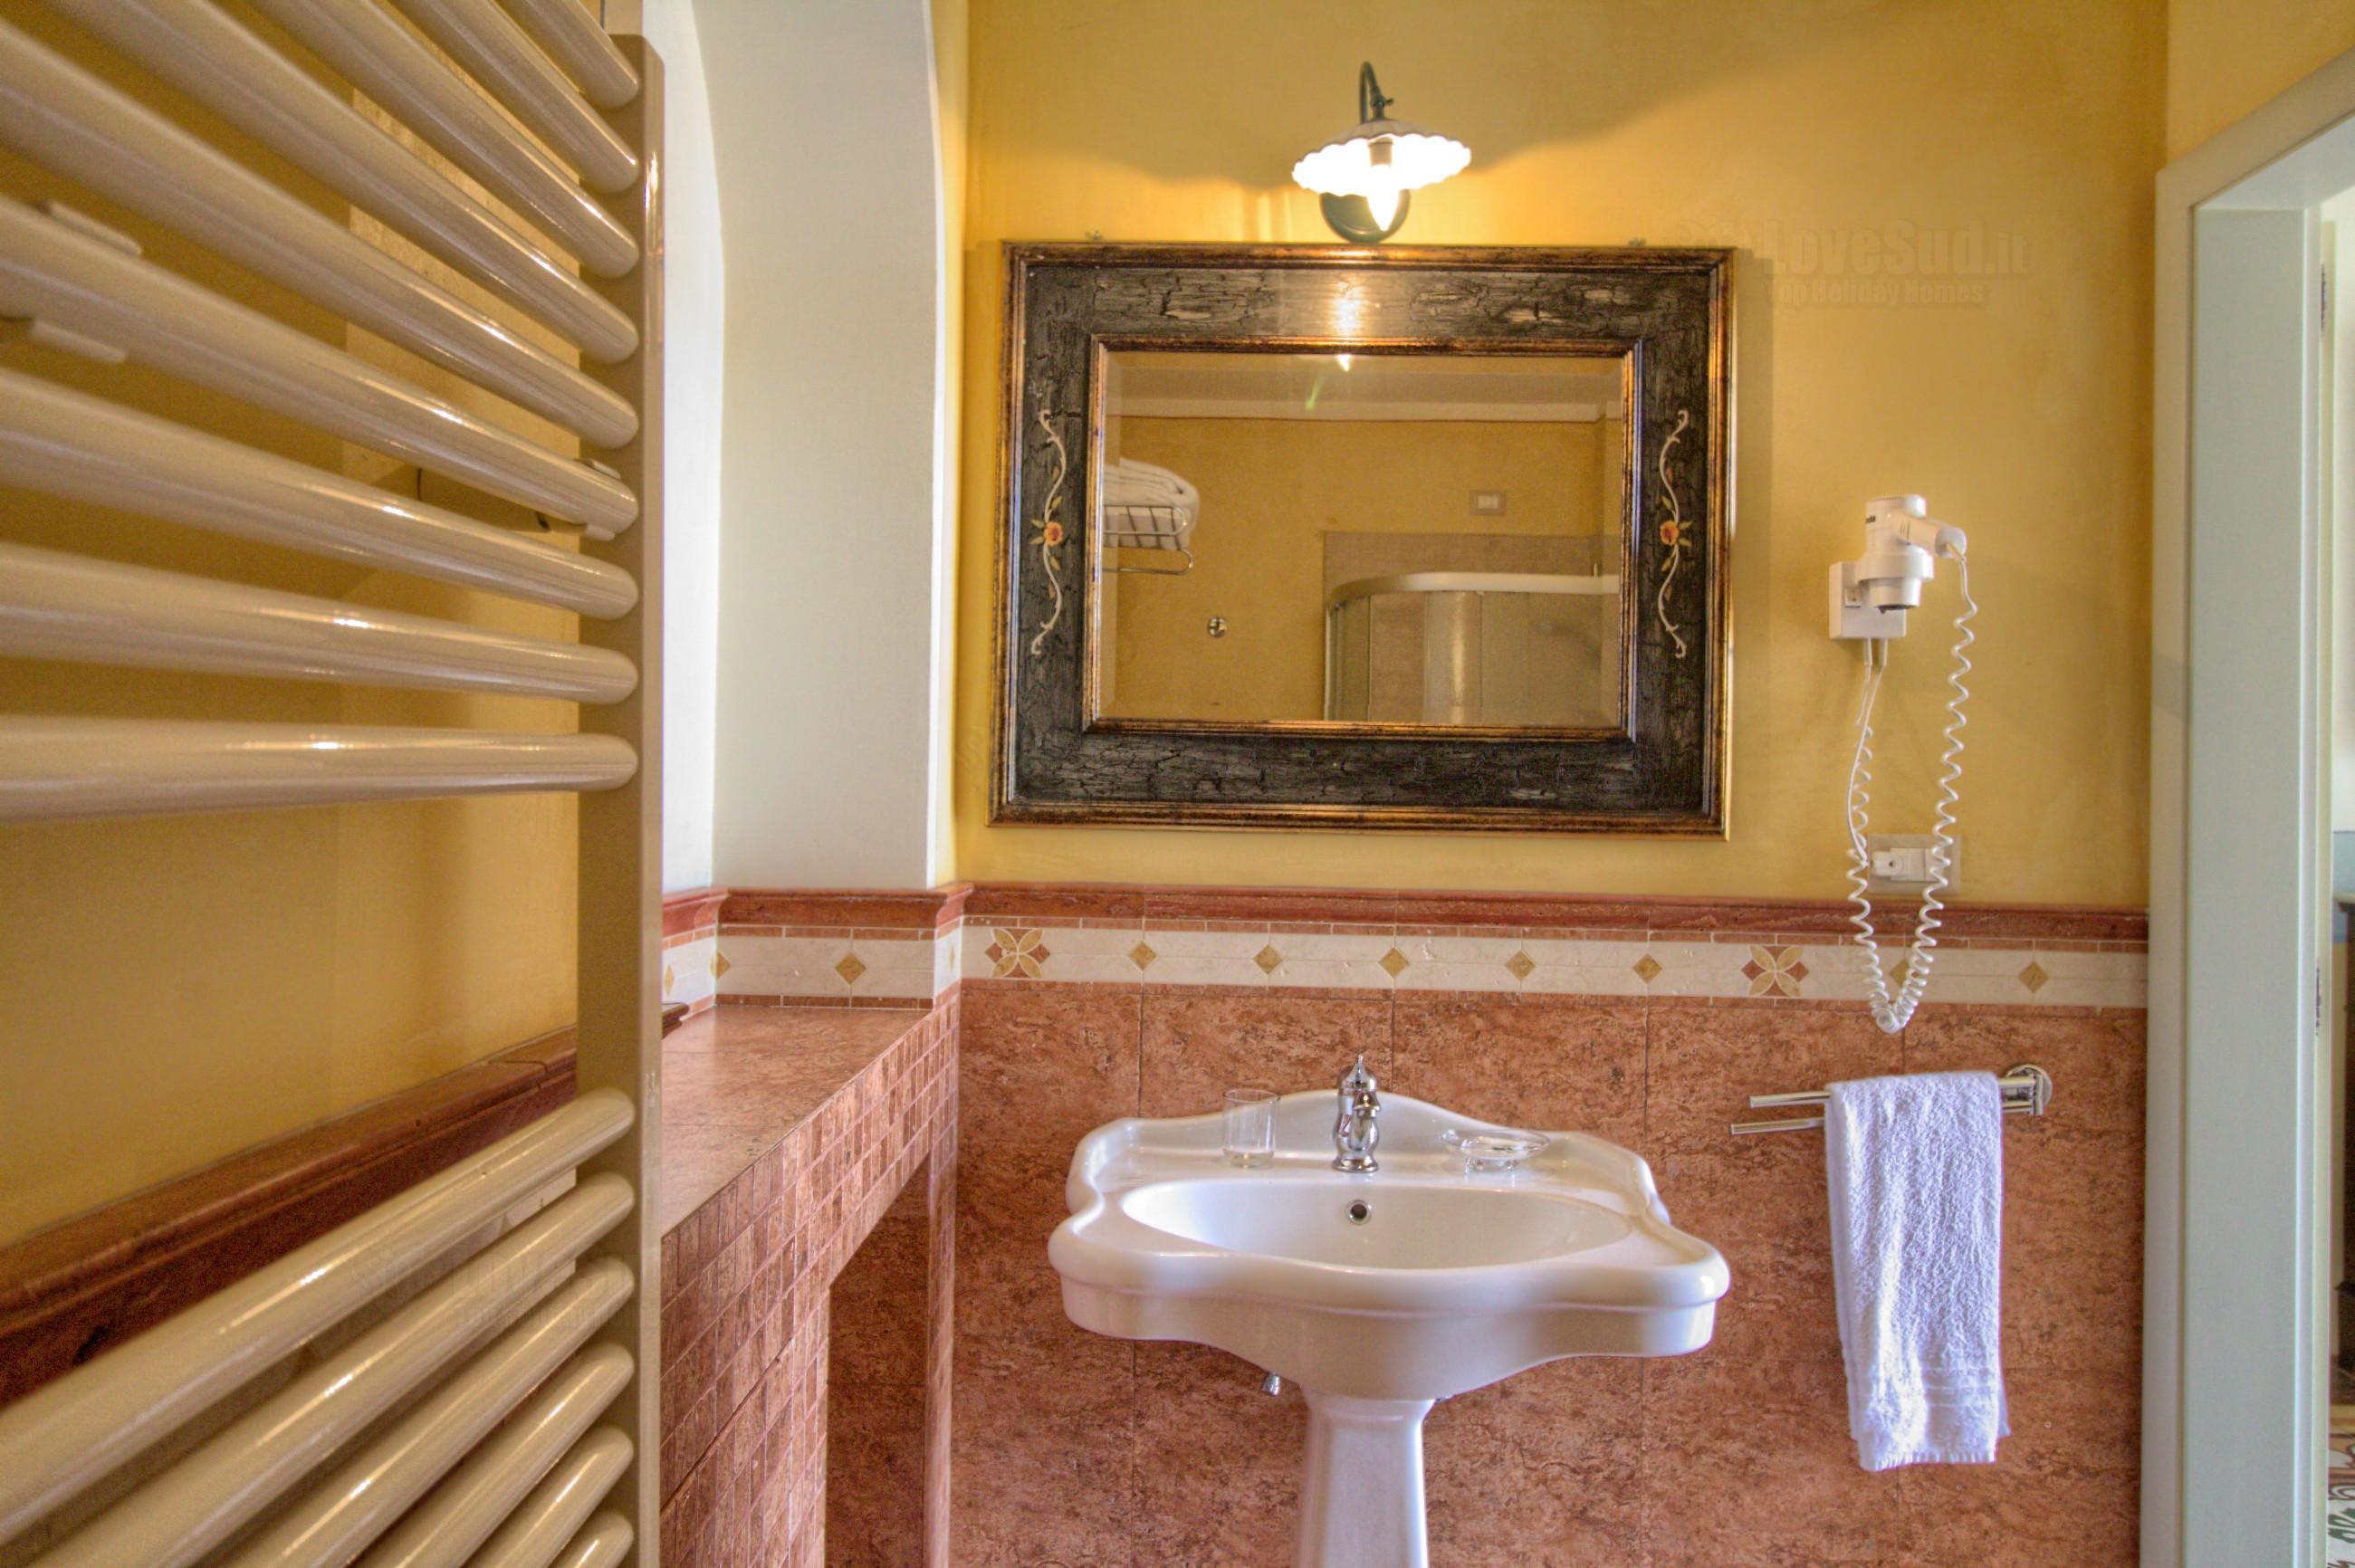 Azzurra - B&B A Palazzo photo 22453991